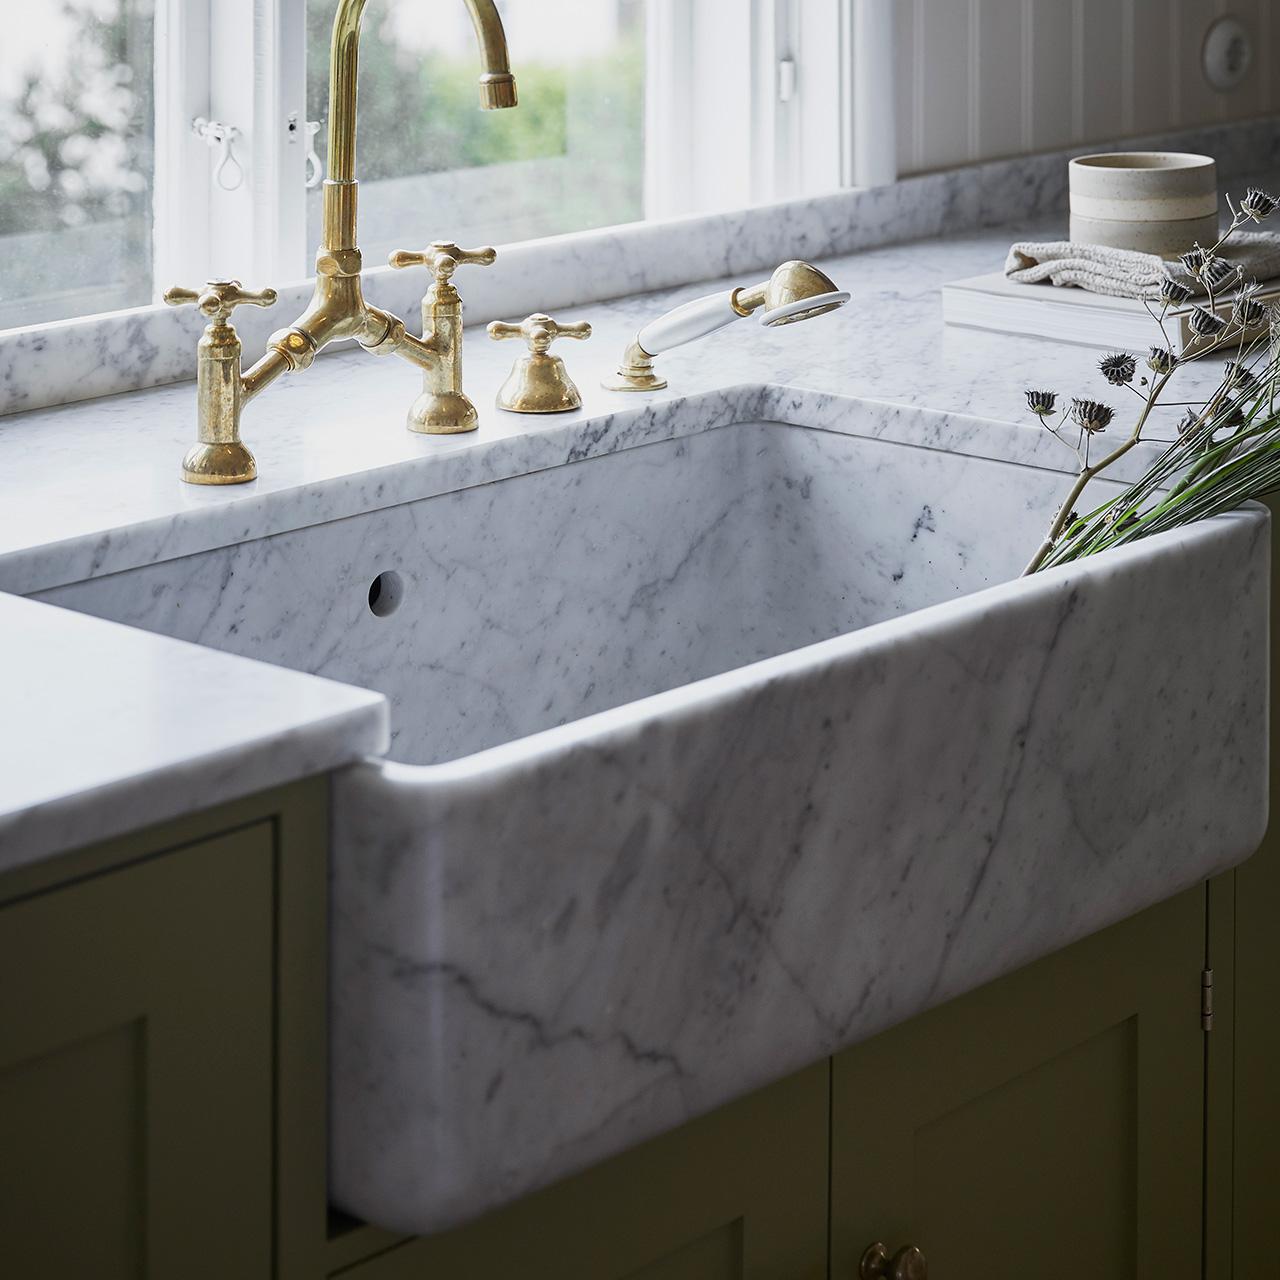 Breccia Marble Slab On Bathroom Sink